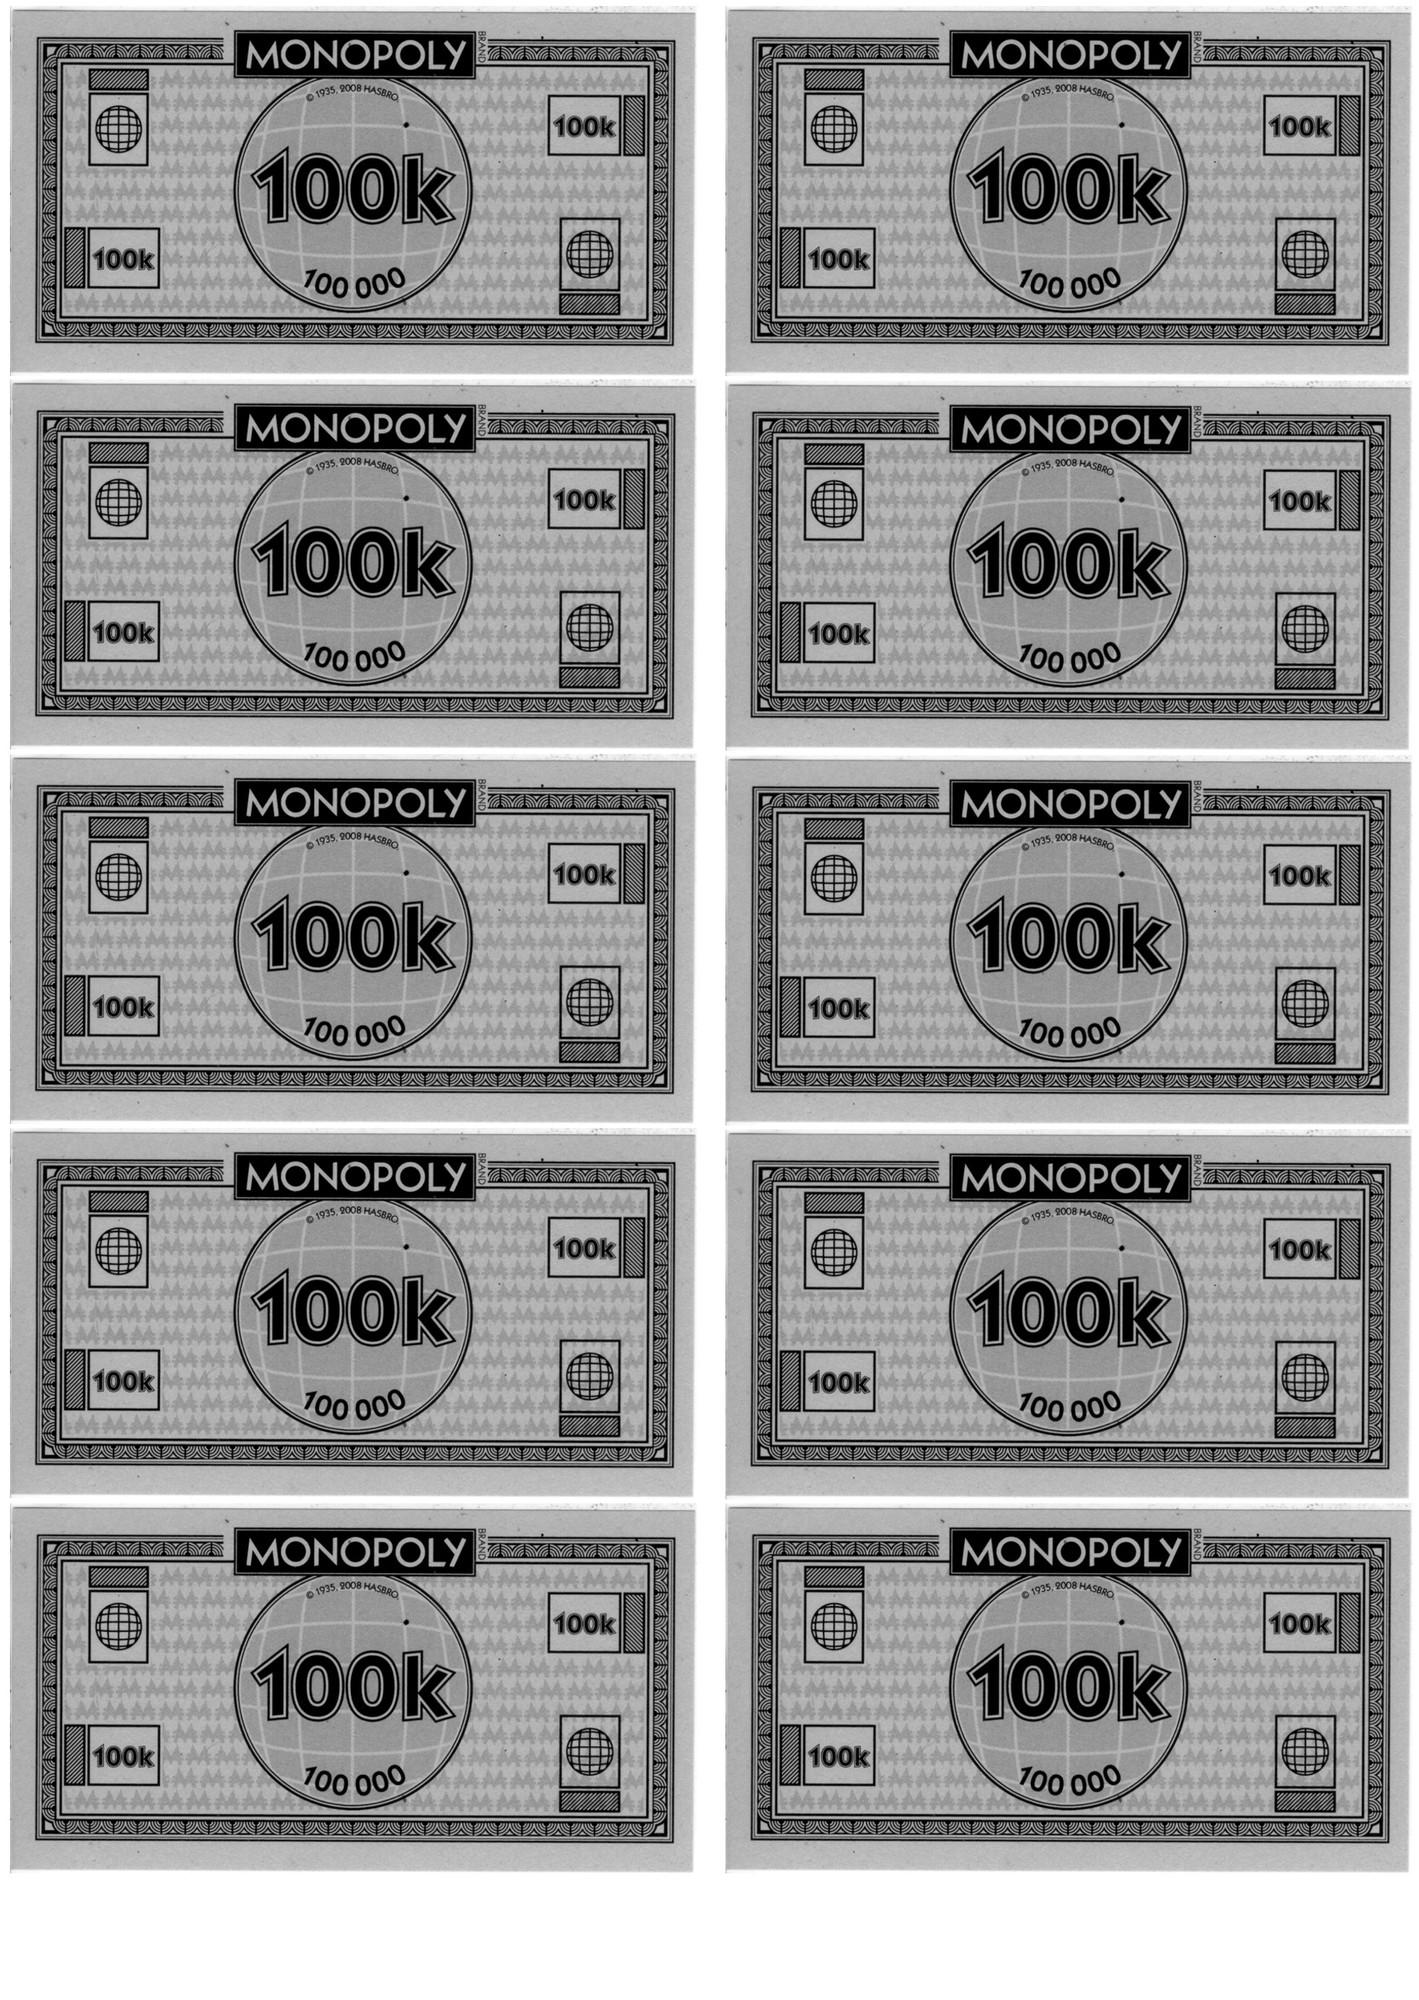 картофель картинки деньги печатать для игры в магазине сортов очень мало